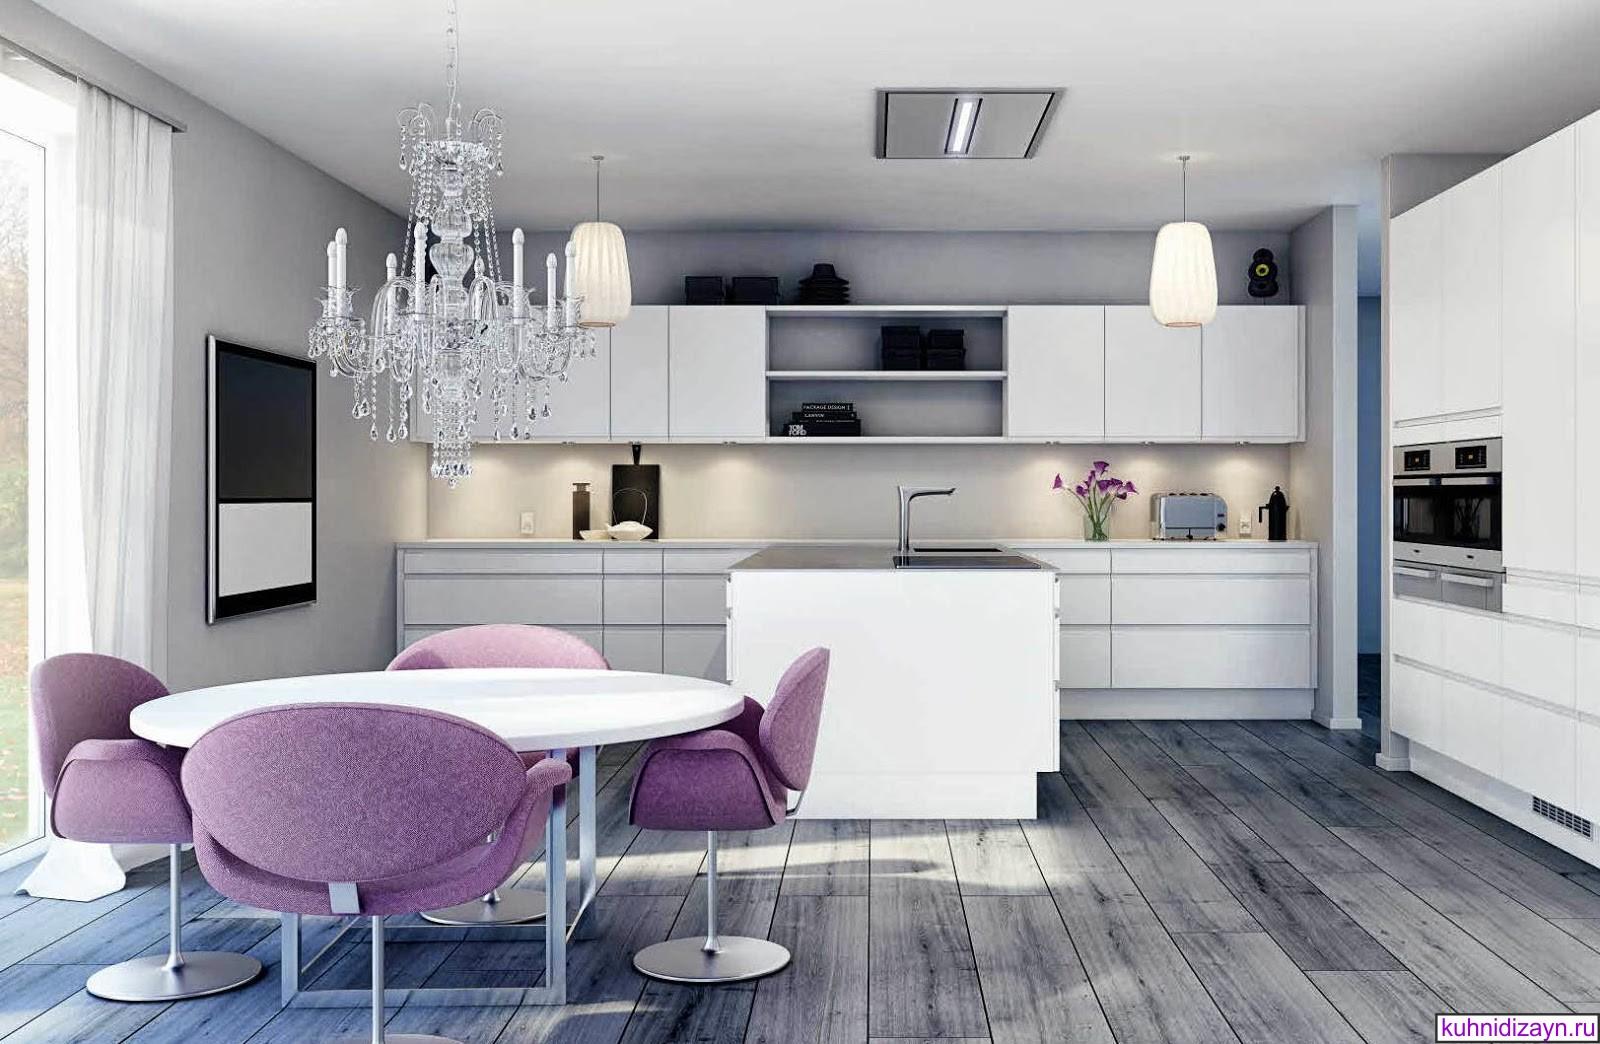 современная белая кухня, современные кухни фото, кухня в белом цвете фото, дизайн современной белой кухни